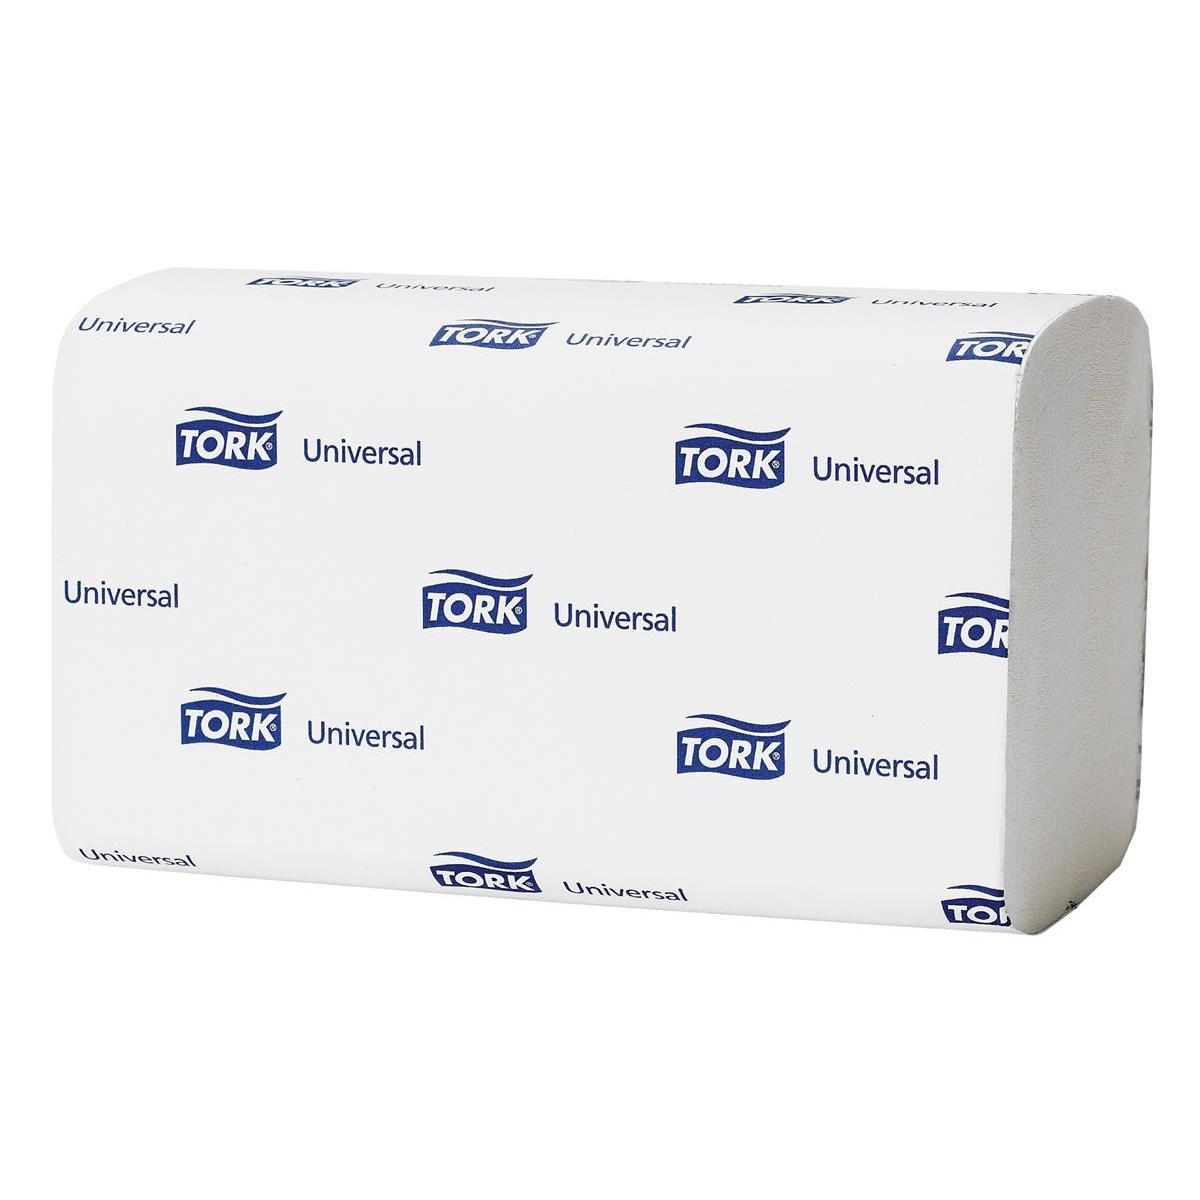 Tork Premium Hand Towel Leaf Embossed 2-Ply 200 Towels per Sleeve White Ref 100278 [Pack 15 Sleeves]